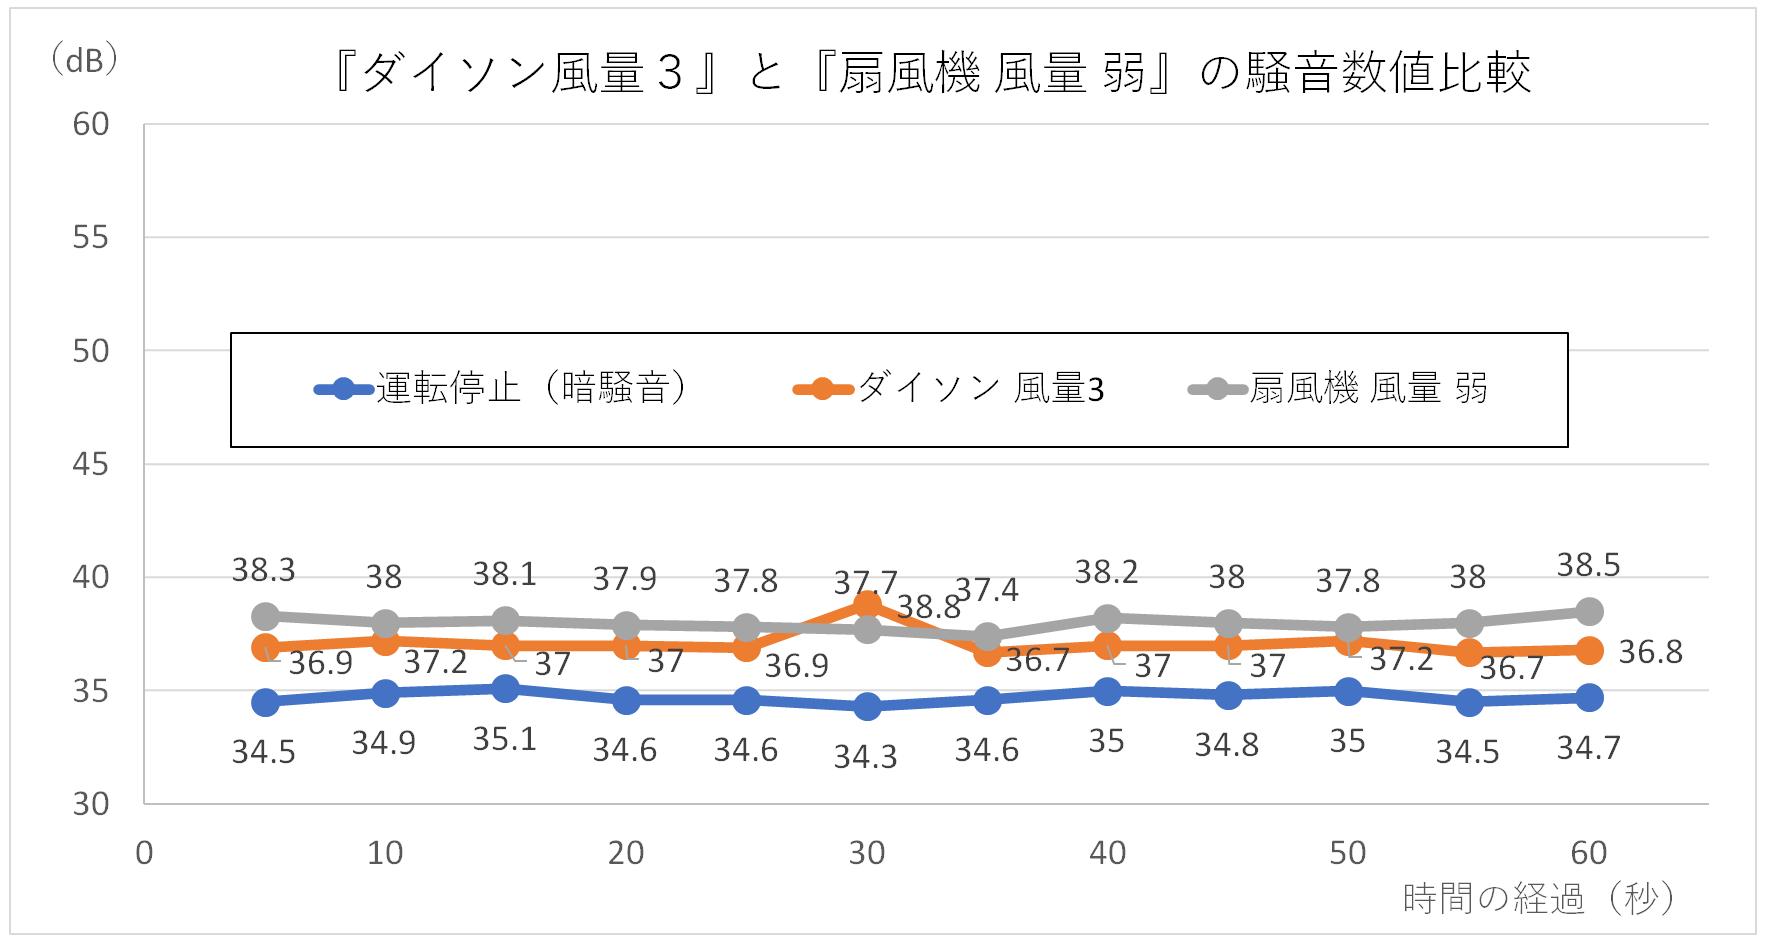 『ダイソン風量3』と『扇風機 風量 弱』の騒音数値比較グラフ